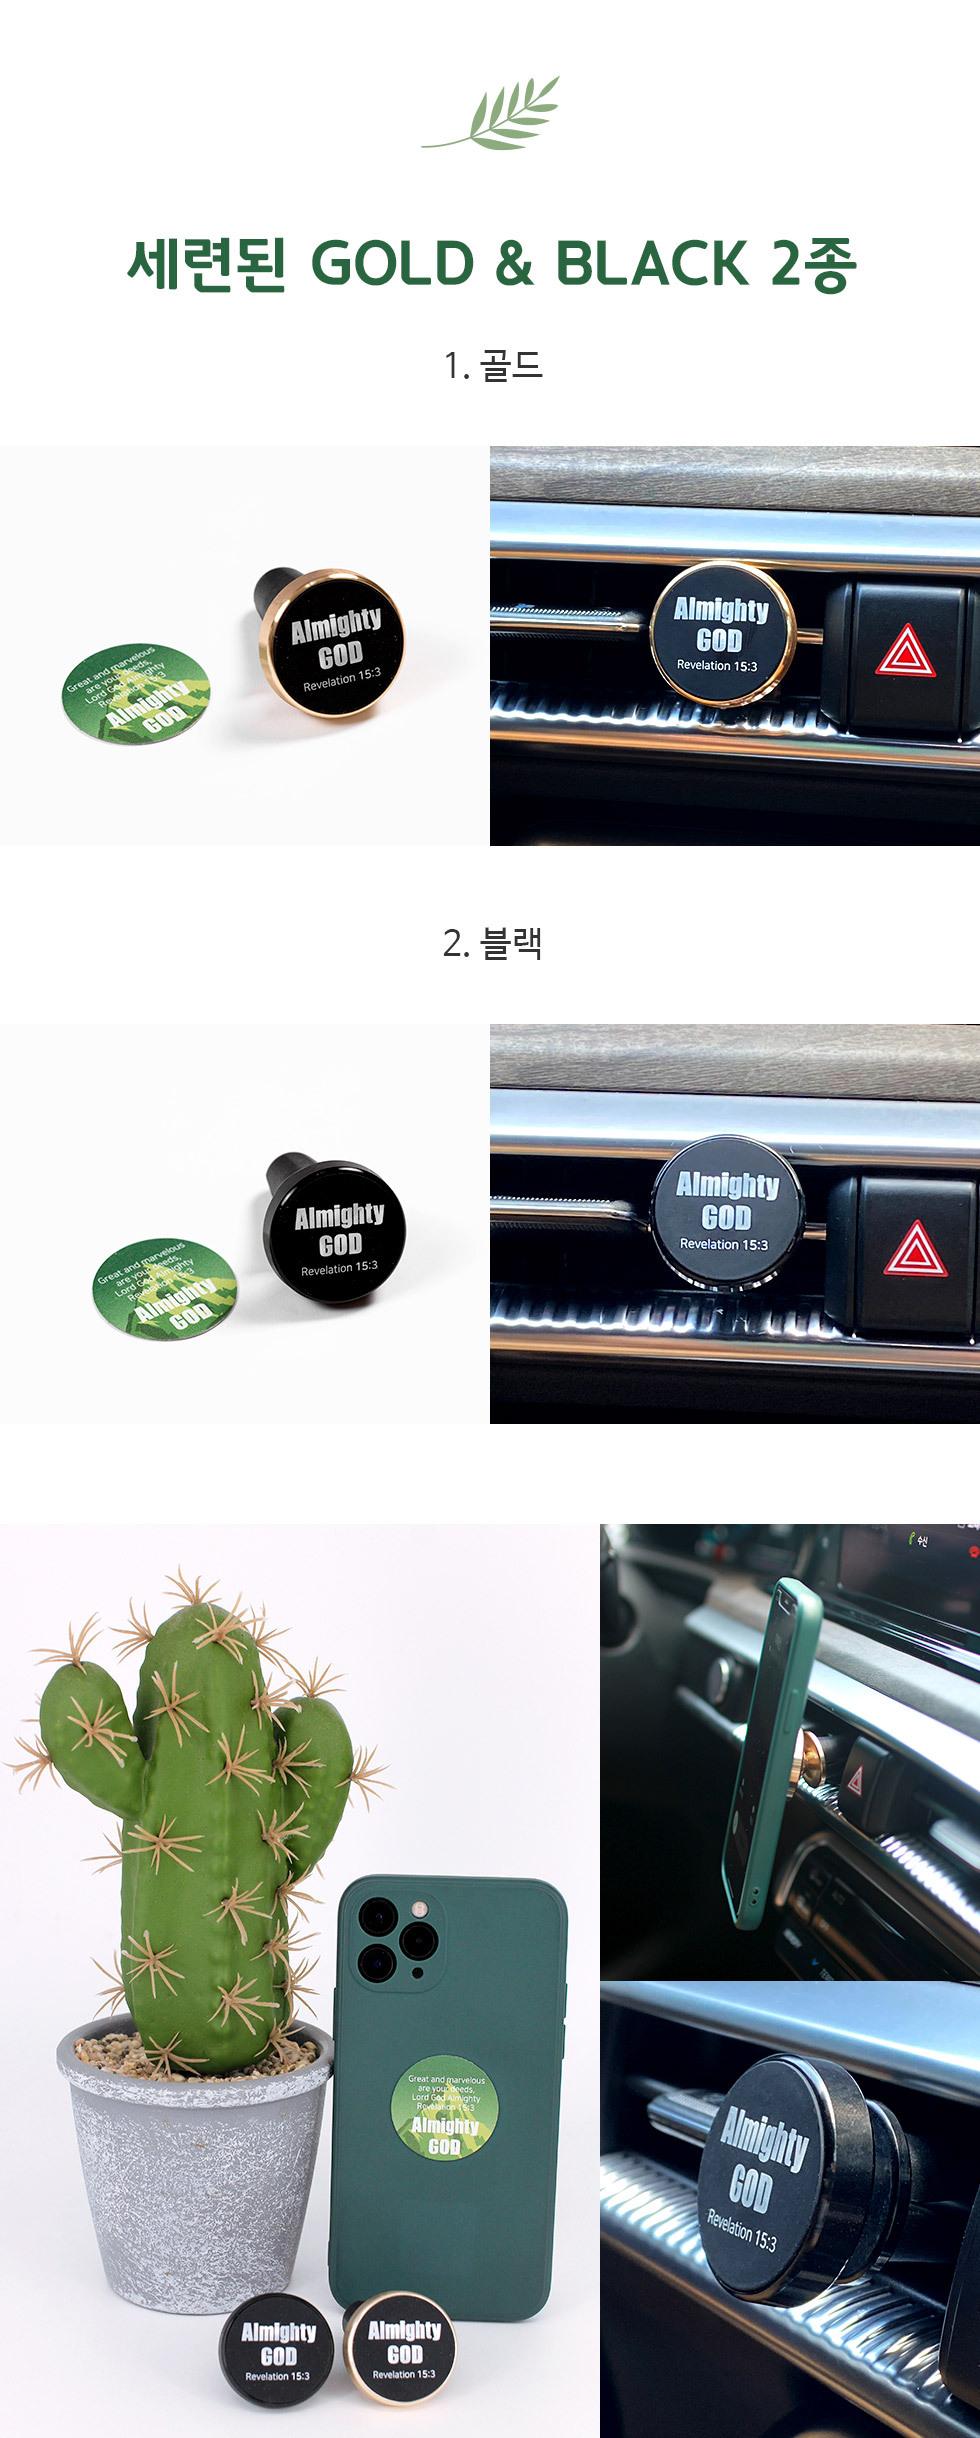 차량용 스마트폰 송풍구 마그네틱 거치대 올마이티갓(Almighty GOD) - 세련된 색상옵션 2종 골드/블랙